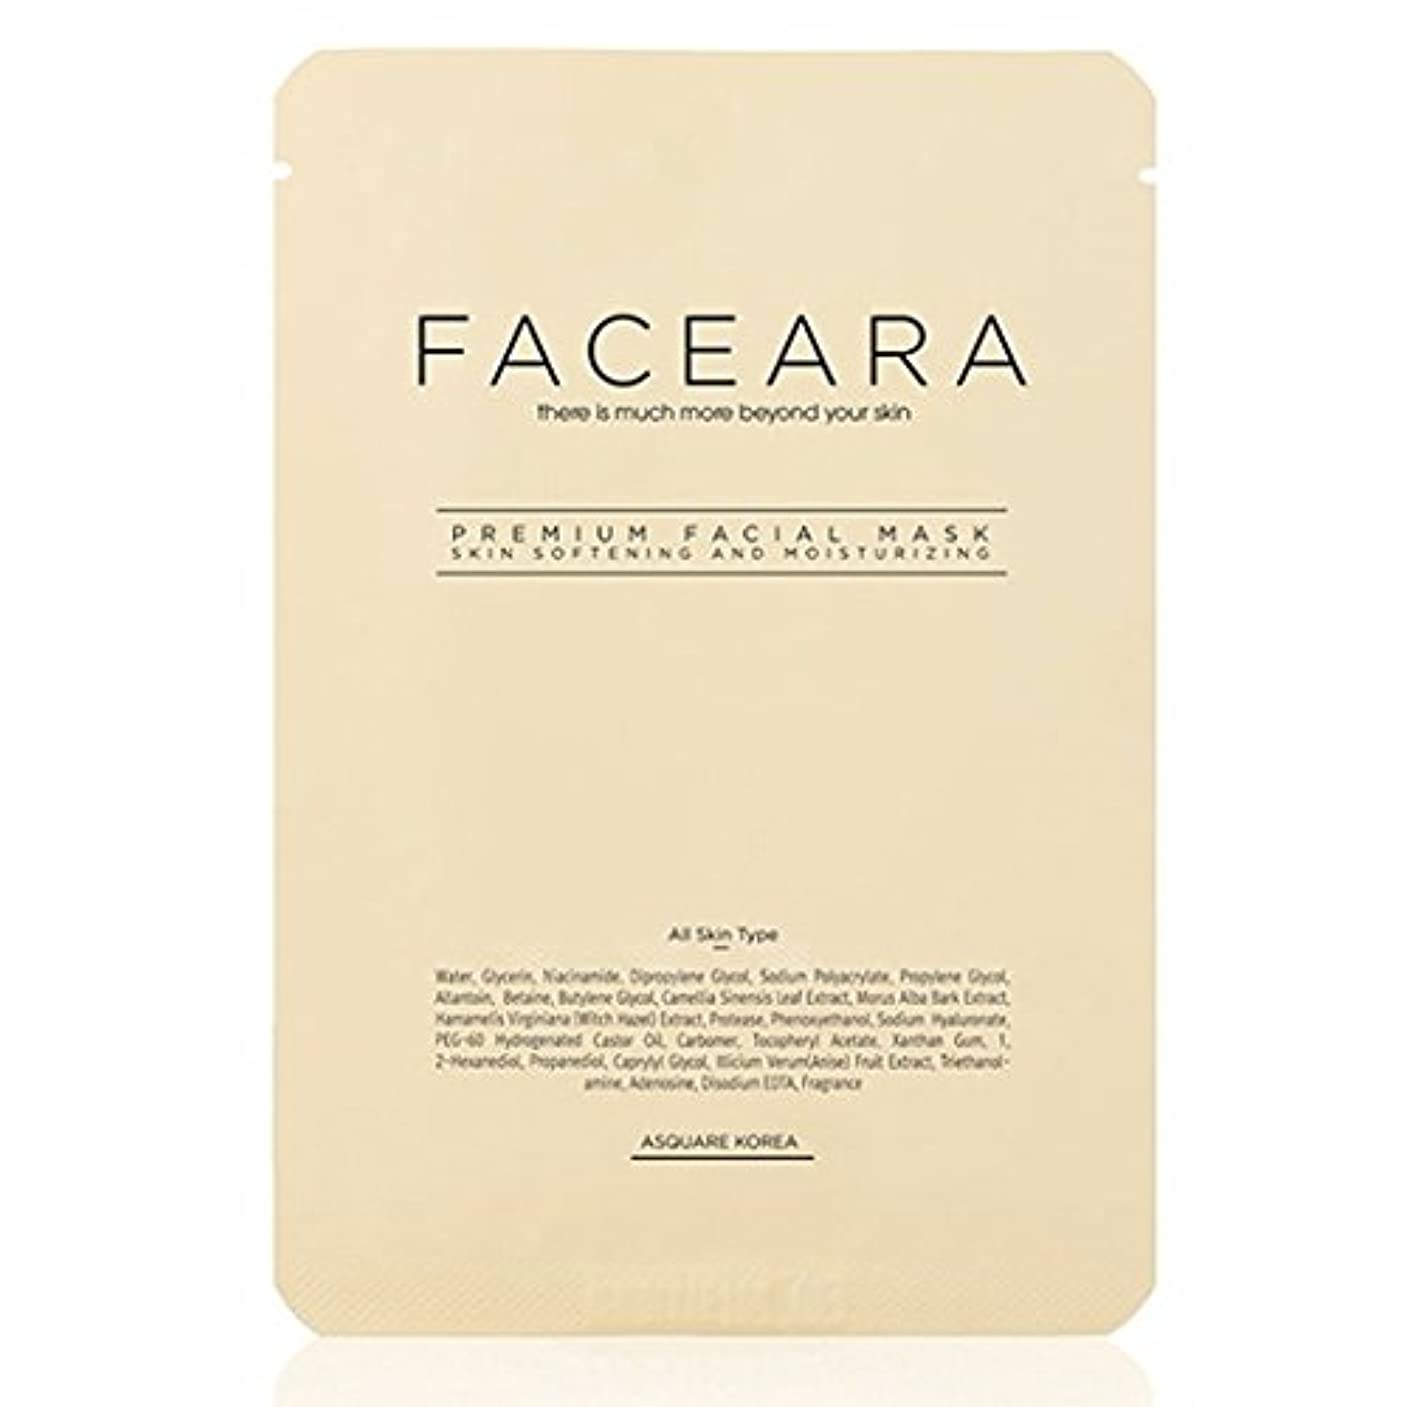 騒クレーター頭蓋骨[並行輸入品] FACEARA スクラブ&スーパーモイスチャライザー用プレミアムフェイシャルマスクシート25g 10本セット / FACEARA Premium Facial Mask Sheet for Scrub &...